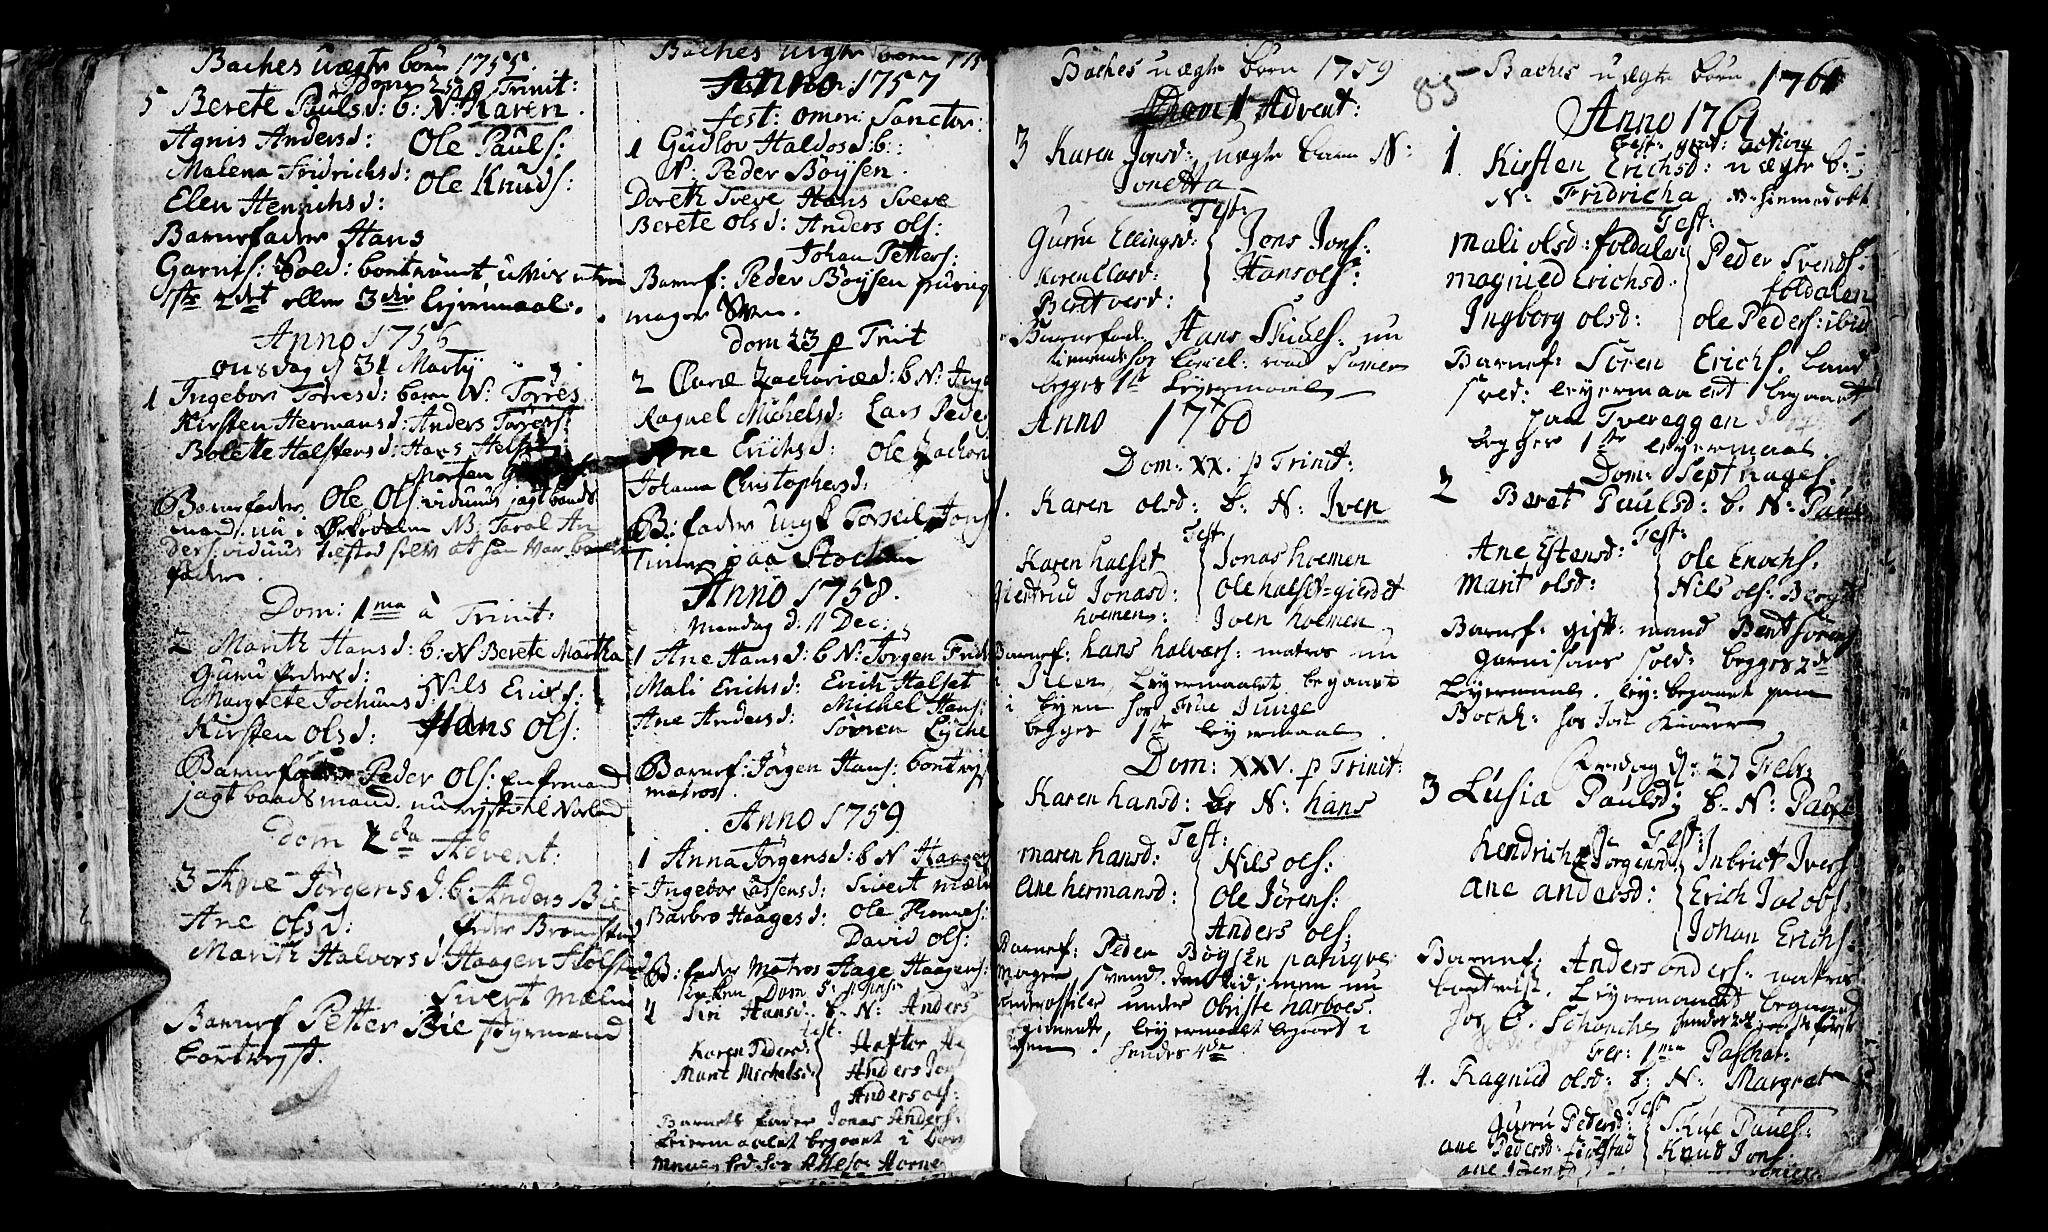 SAT, Ministerialprotokoller, klokkerbøker og fødselsregistre - Sør-Trøndelag, 604/L0218: Klokkerbok nr. 604C01, 1754-1819, s. 85